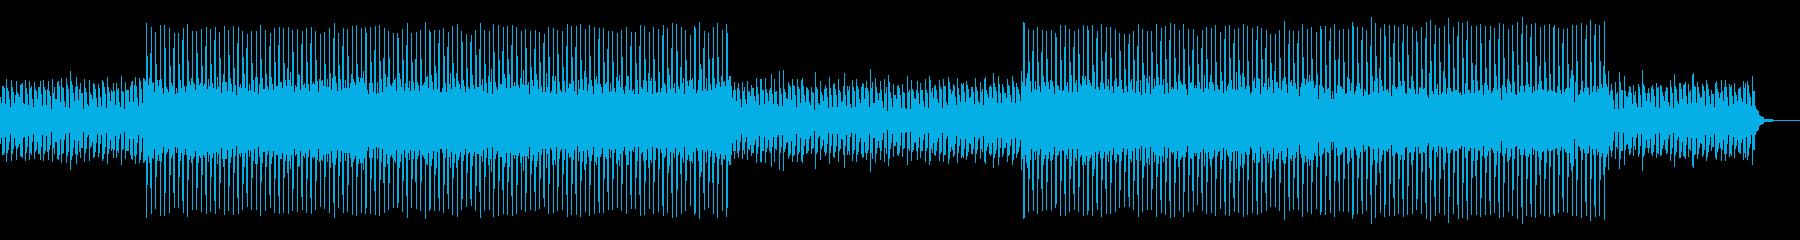 スポーツEDM、爽やか・パワフルの再生済みの波形